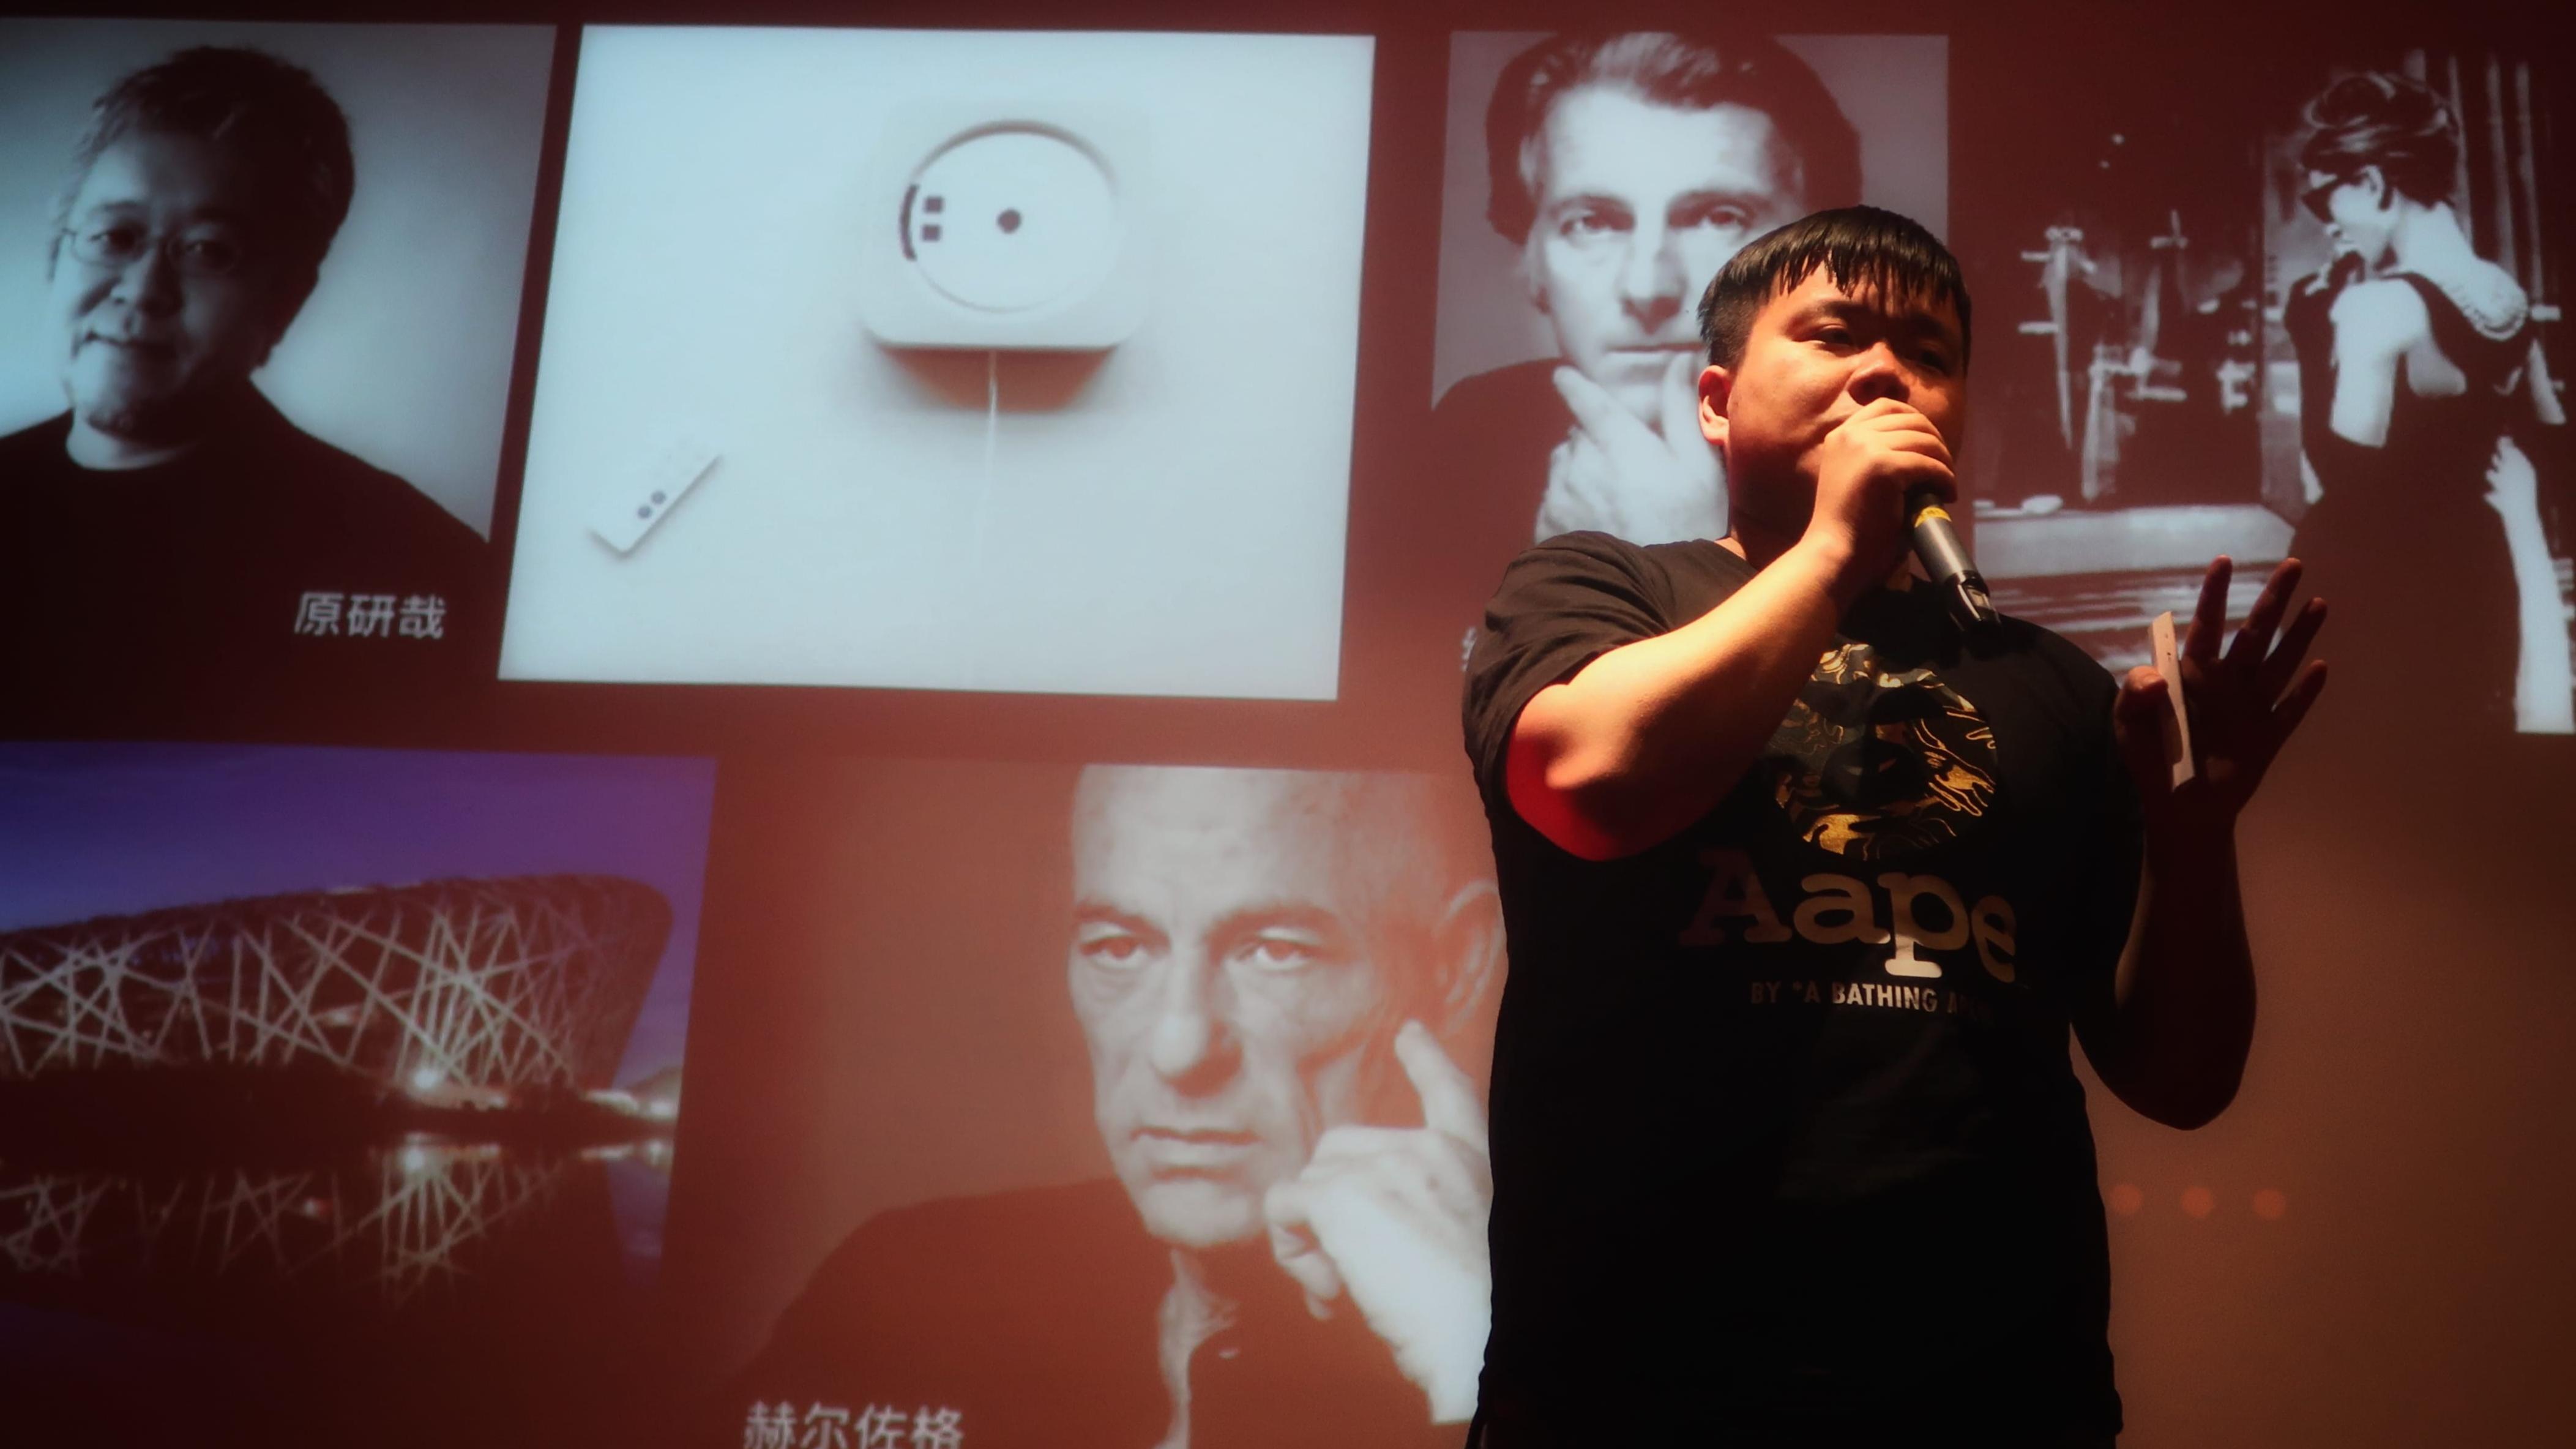 泡泡老师的TED演讲:中国互联网职场中UI设计到底是什么